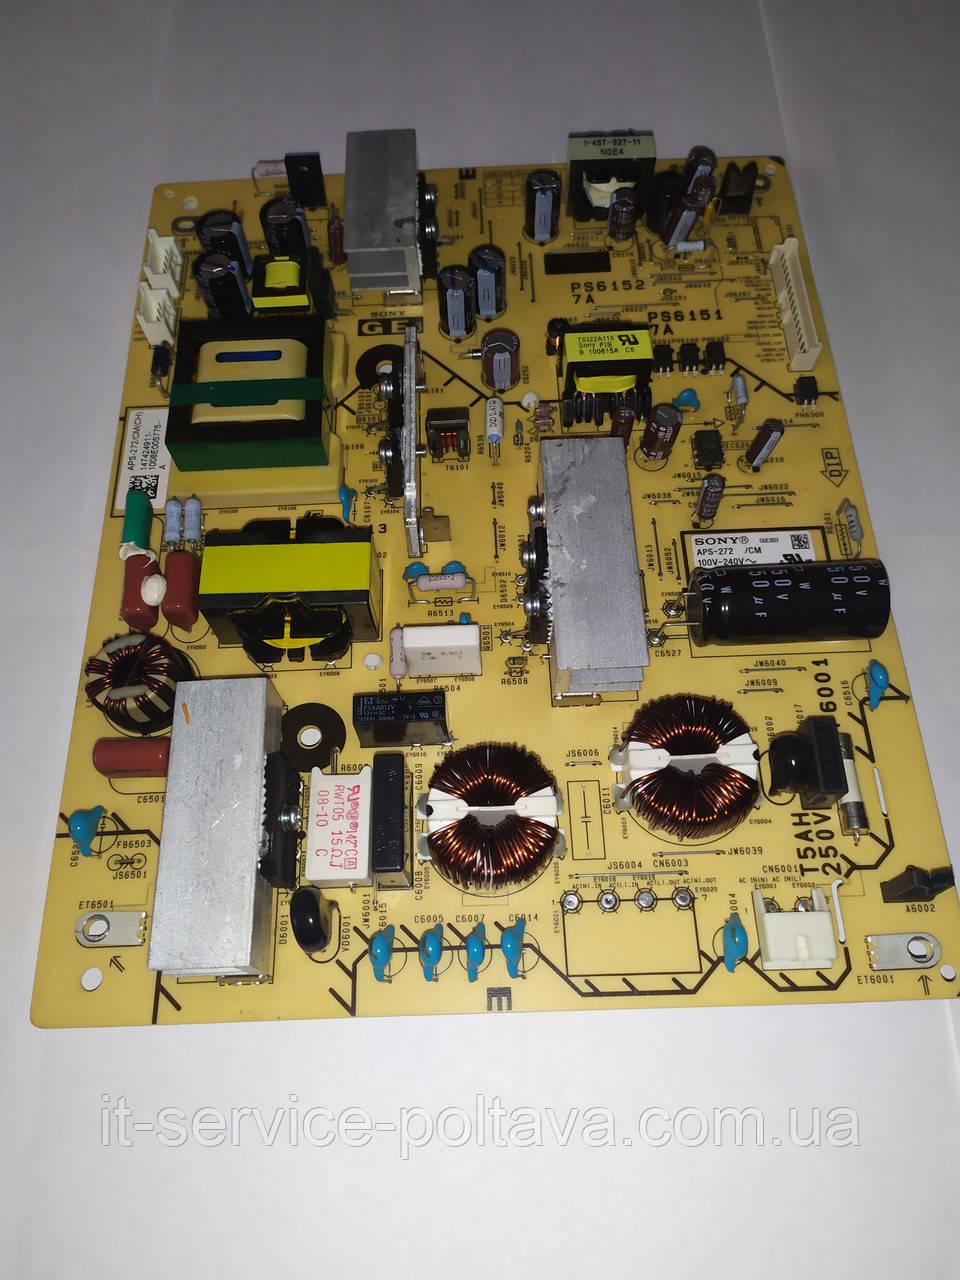 Блок живлення (Power BOARD) 1-881-774-13 (APS-264(CH)) для телевізора SONY